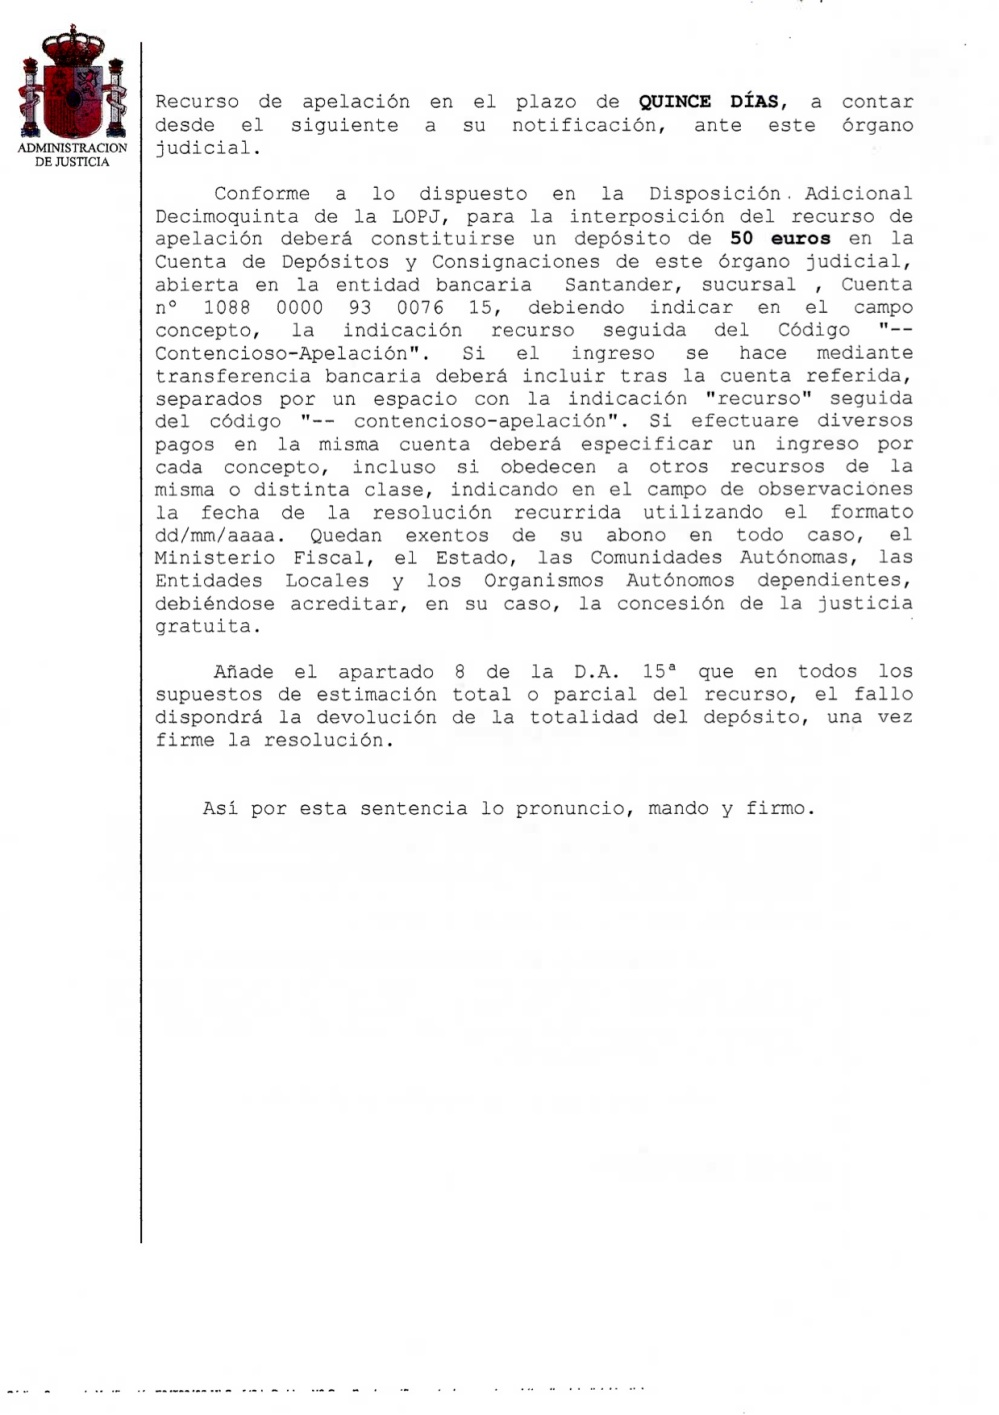 Sentencia 19-07-2017 10Escarrete (anon.)